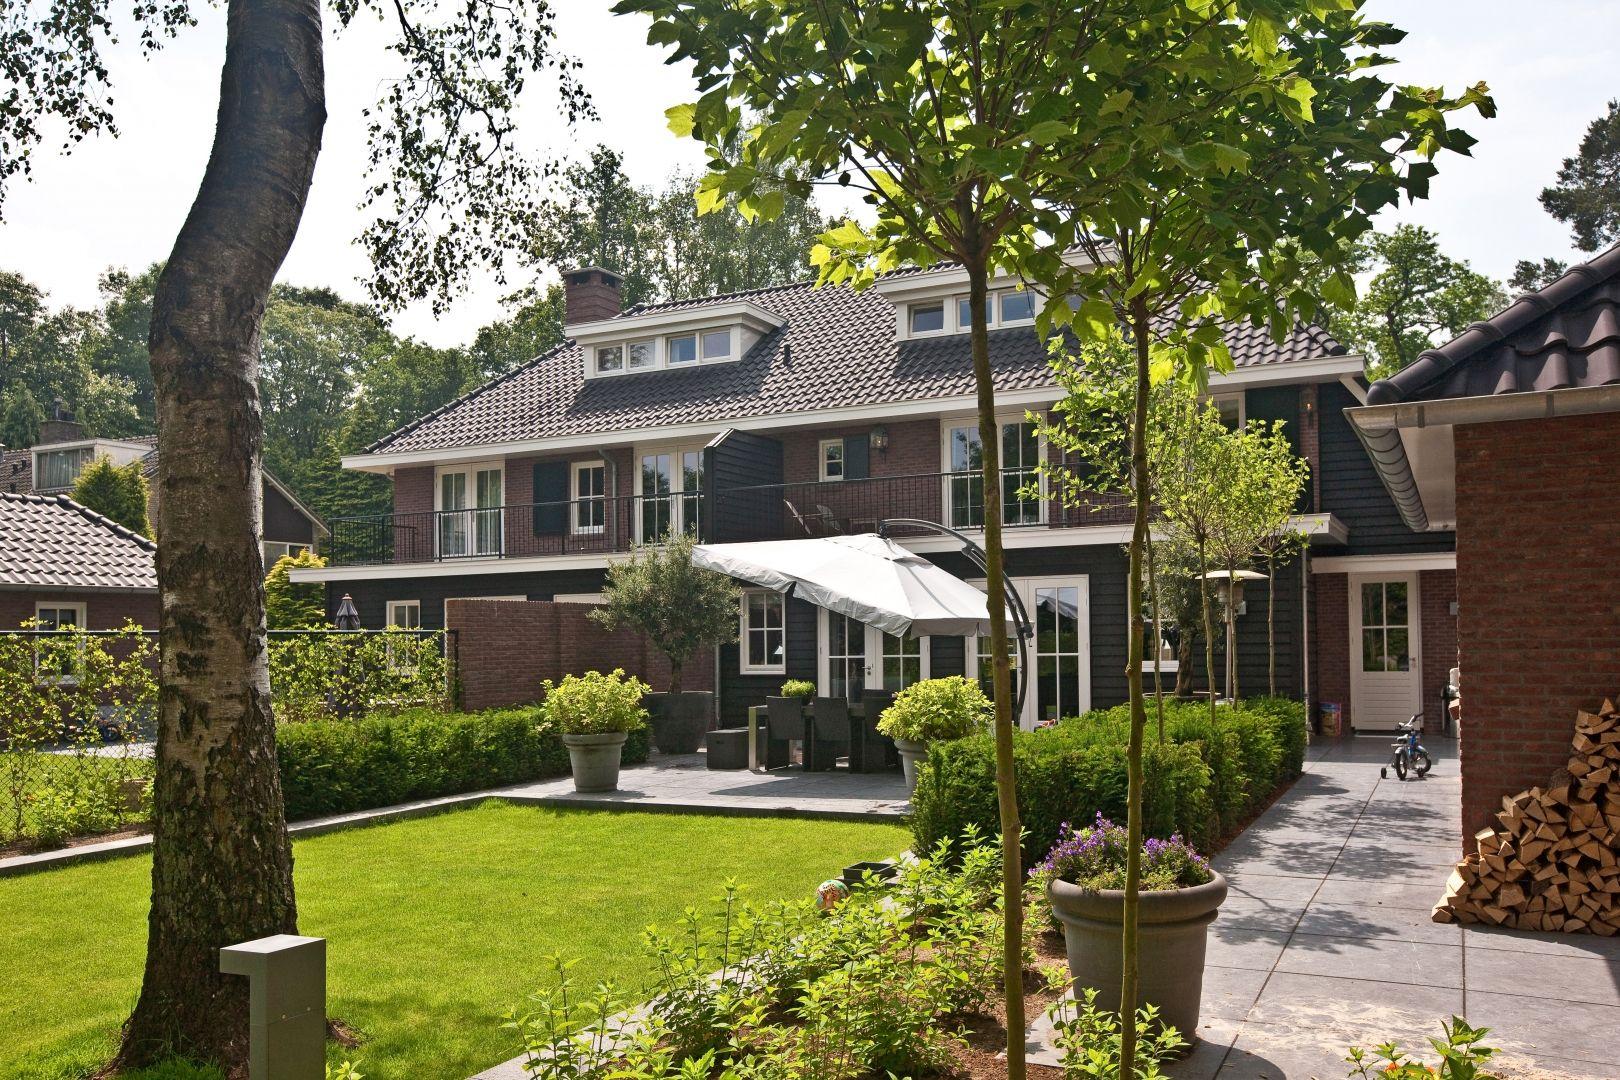 12 tuin inrichting huizen stijl herenhuis woonidee n for Inrichting tuin